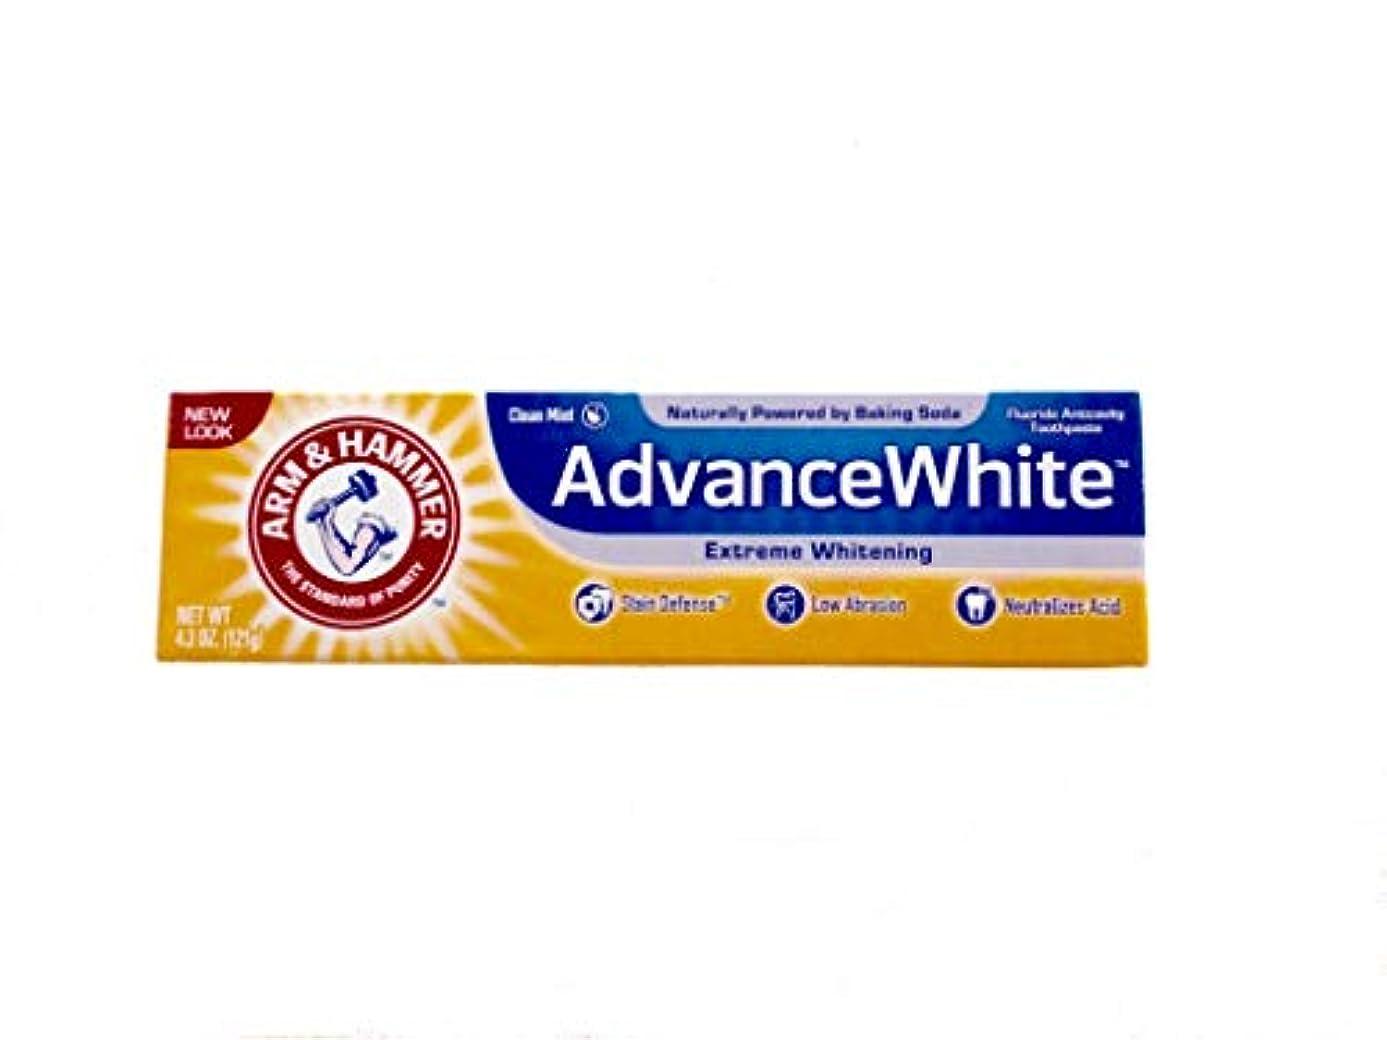 オーストラリア人自治的故意のArm & Hammer Advance White Fluoride Anti-Cavity Toothpaste with Baking Soda & Peroxide - 4.3 oz by Arm & Hammer...